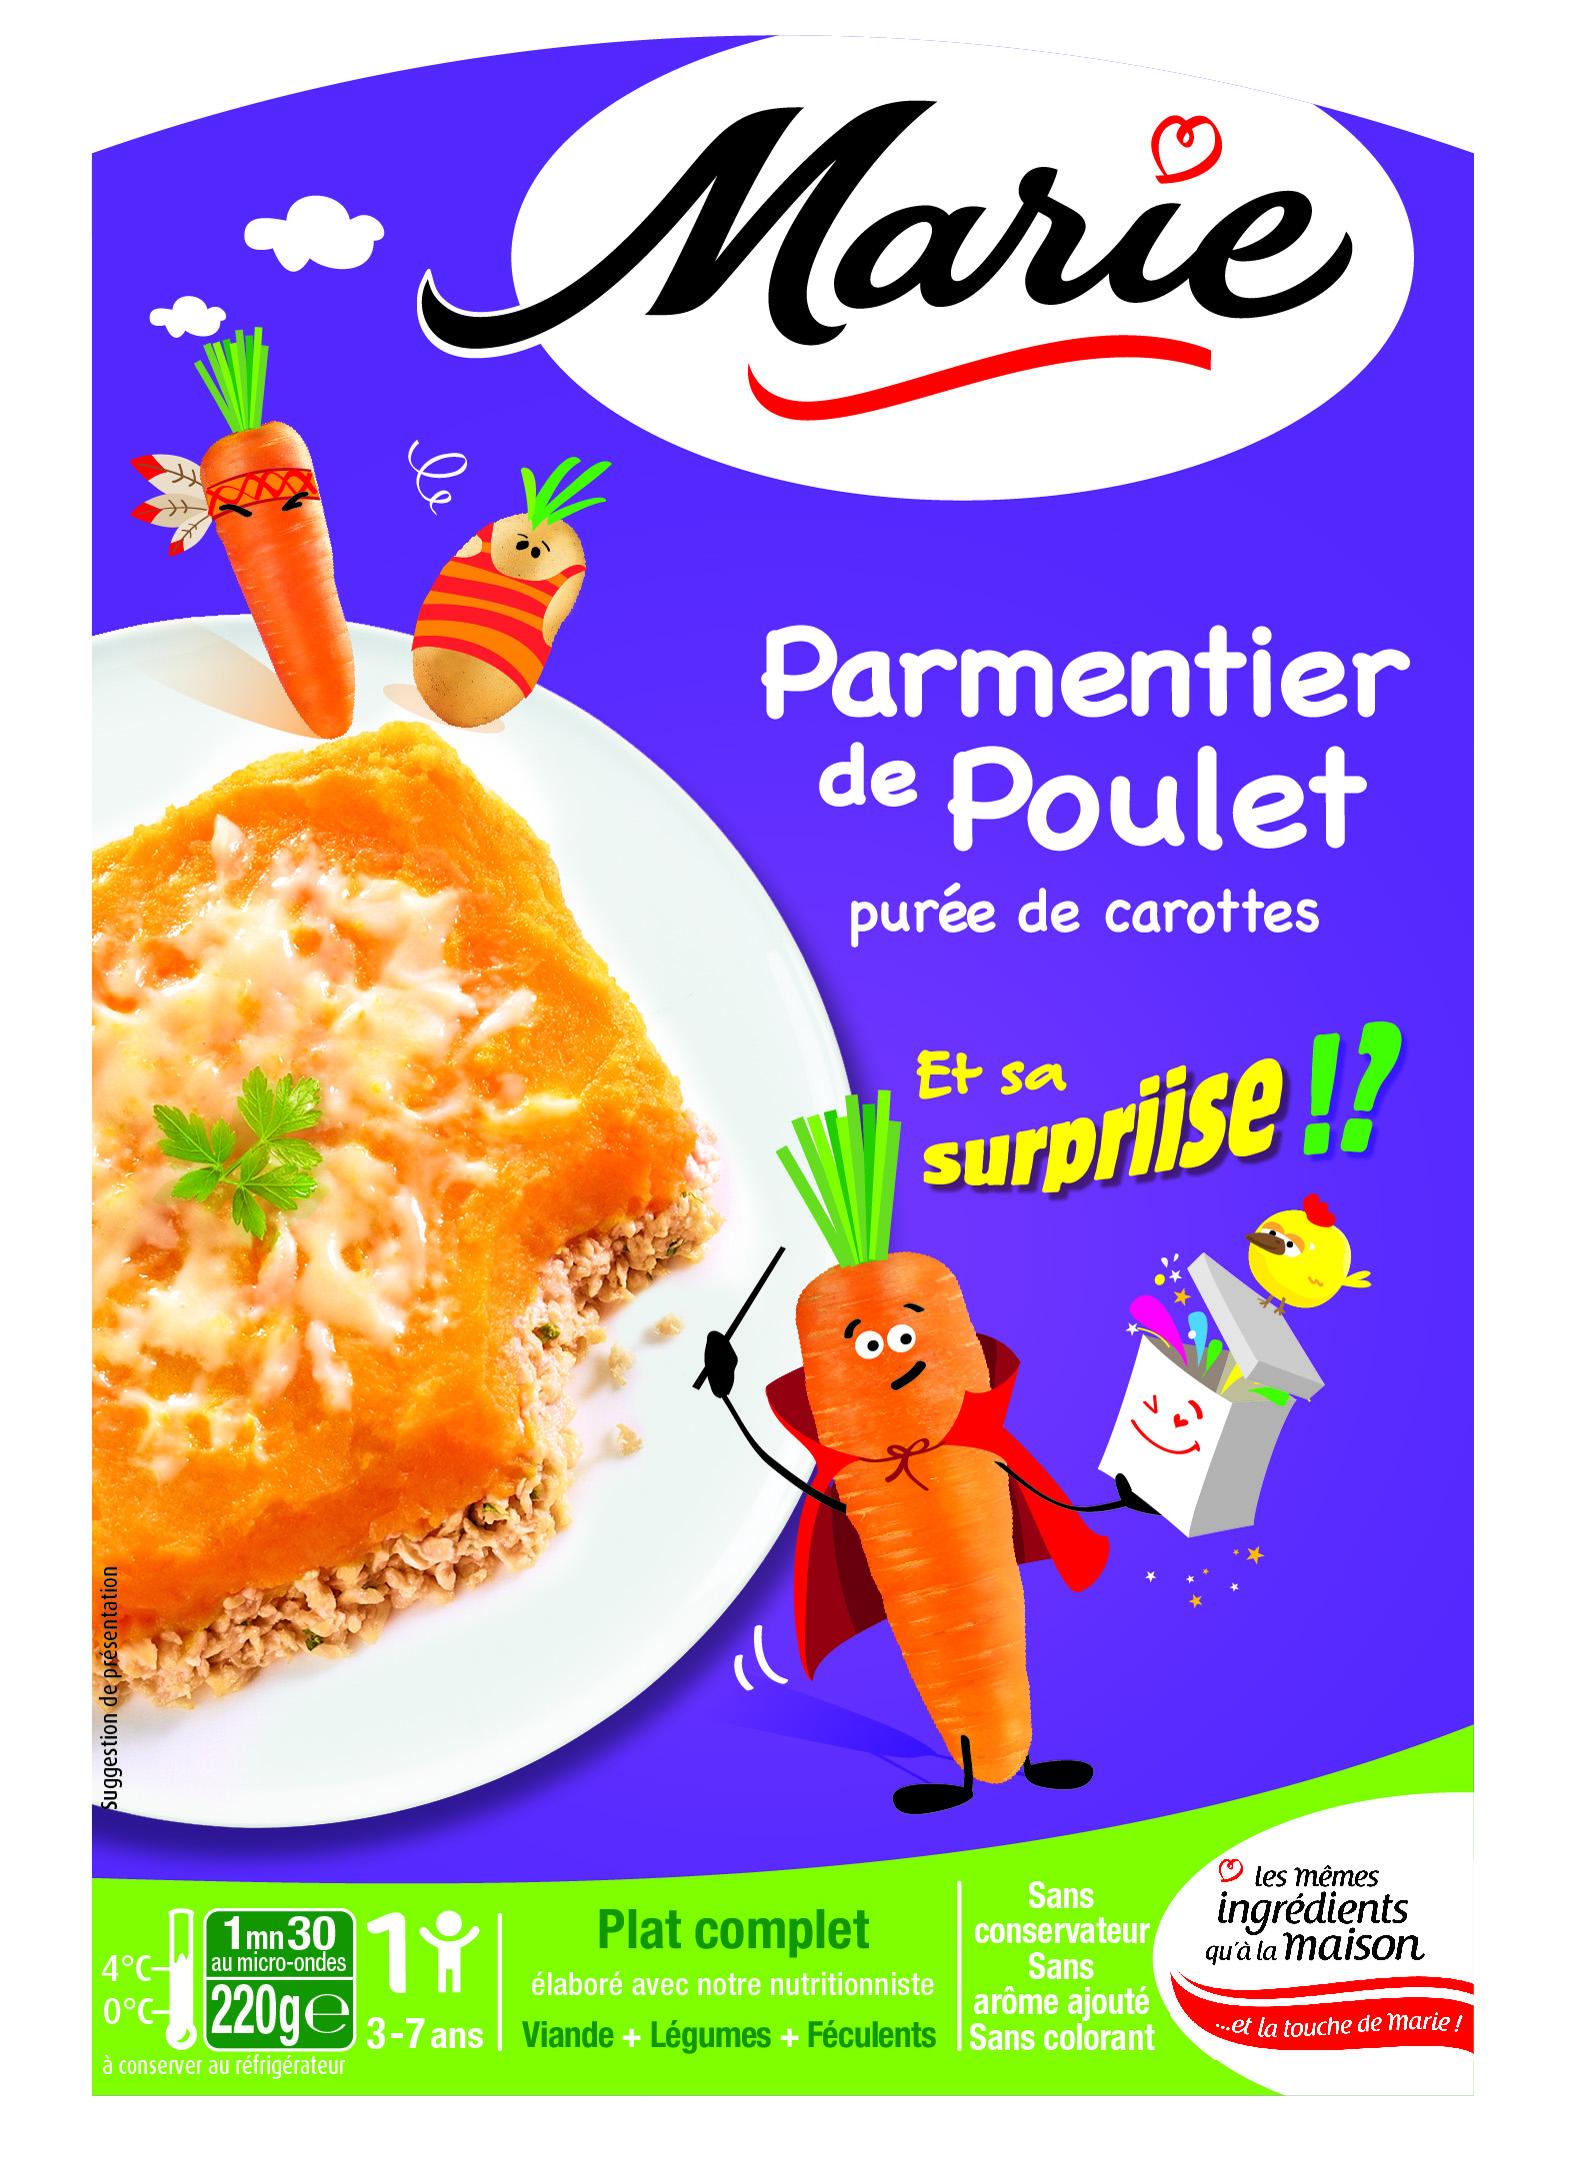 Marie cr e les plats cuisin s pour enfants epicerie for Plats cuisines marie